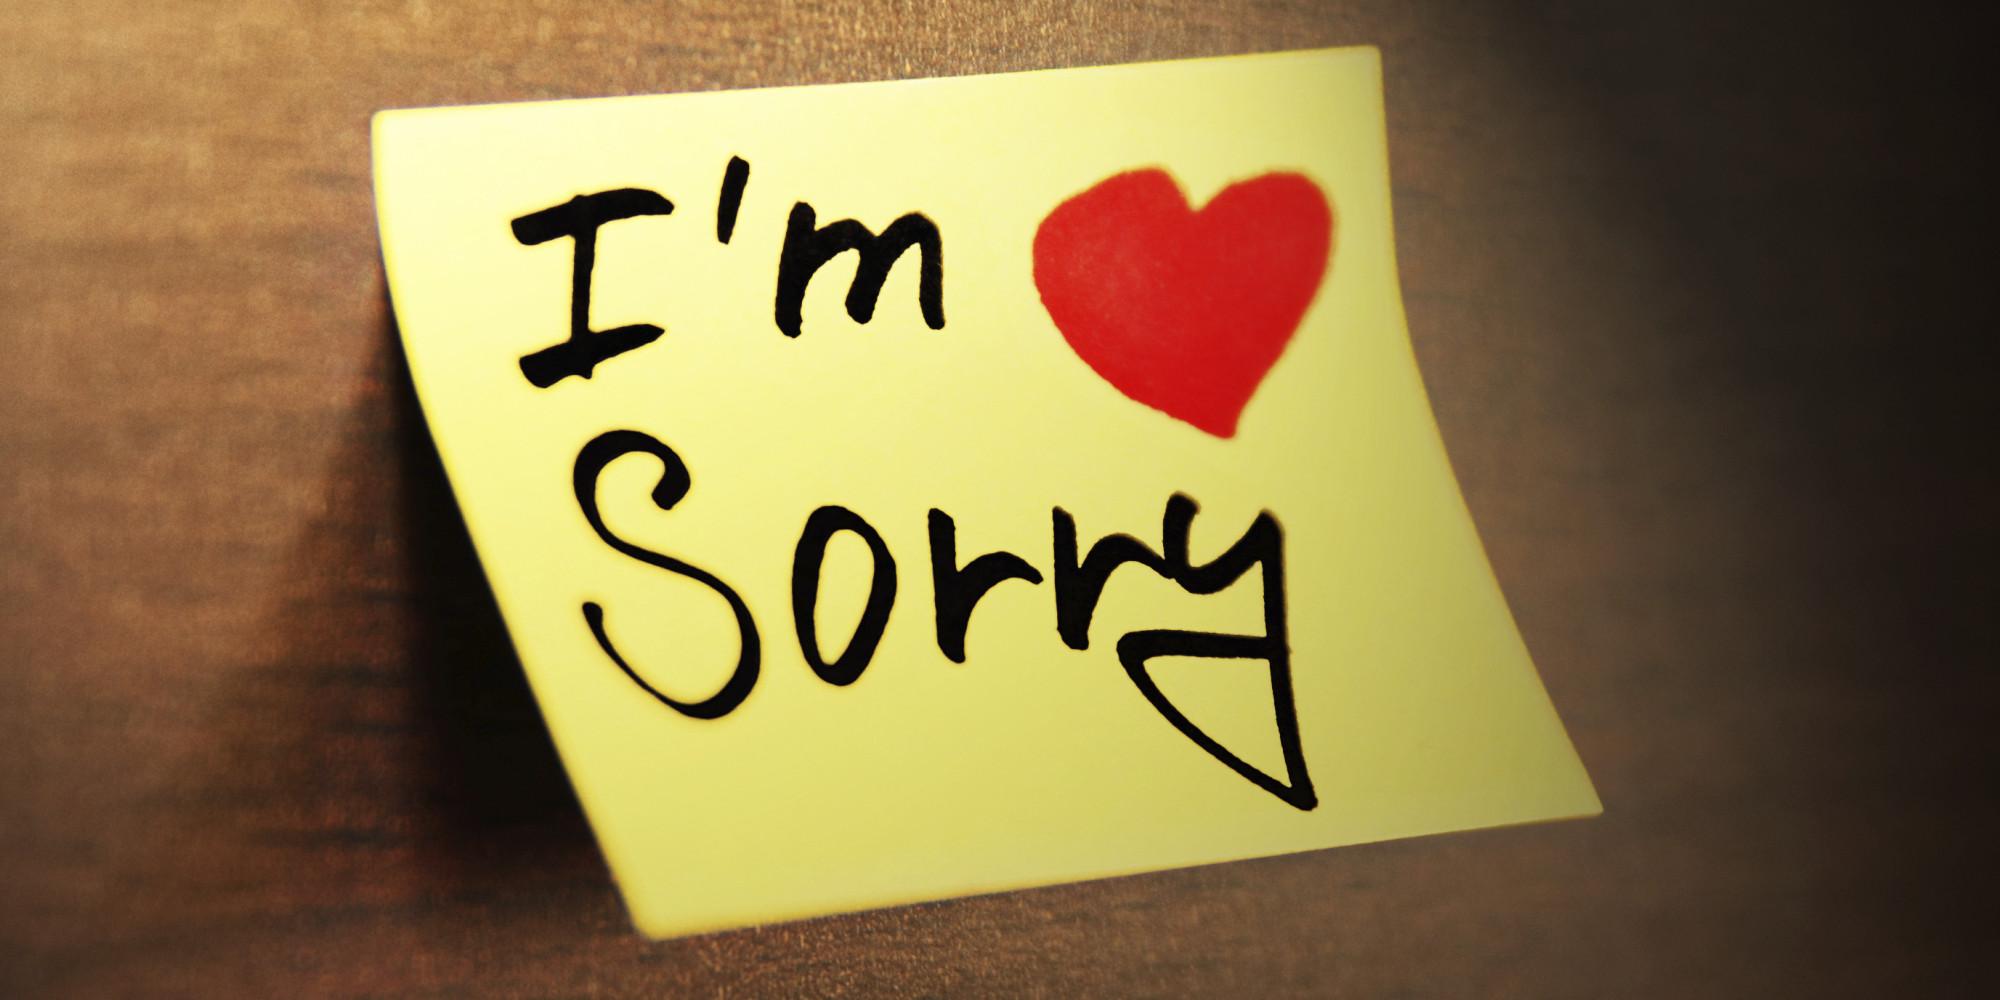 بالصور رسالة اعتذار لصديق , يا الله على هالاعتذر الراقى للصديق ولا اروع 1860 9